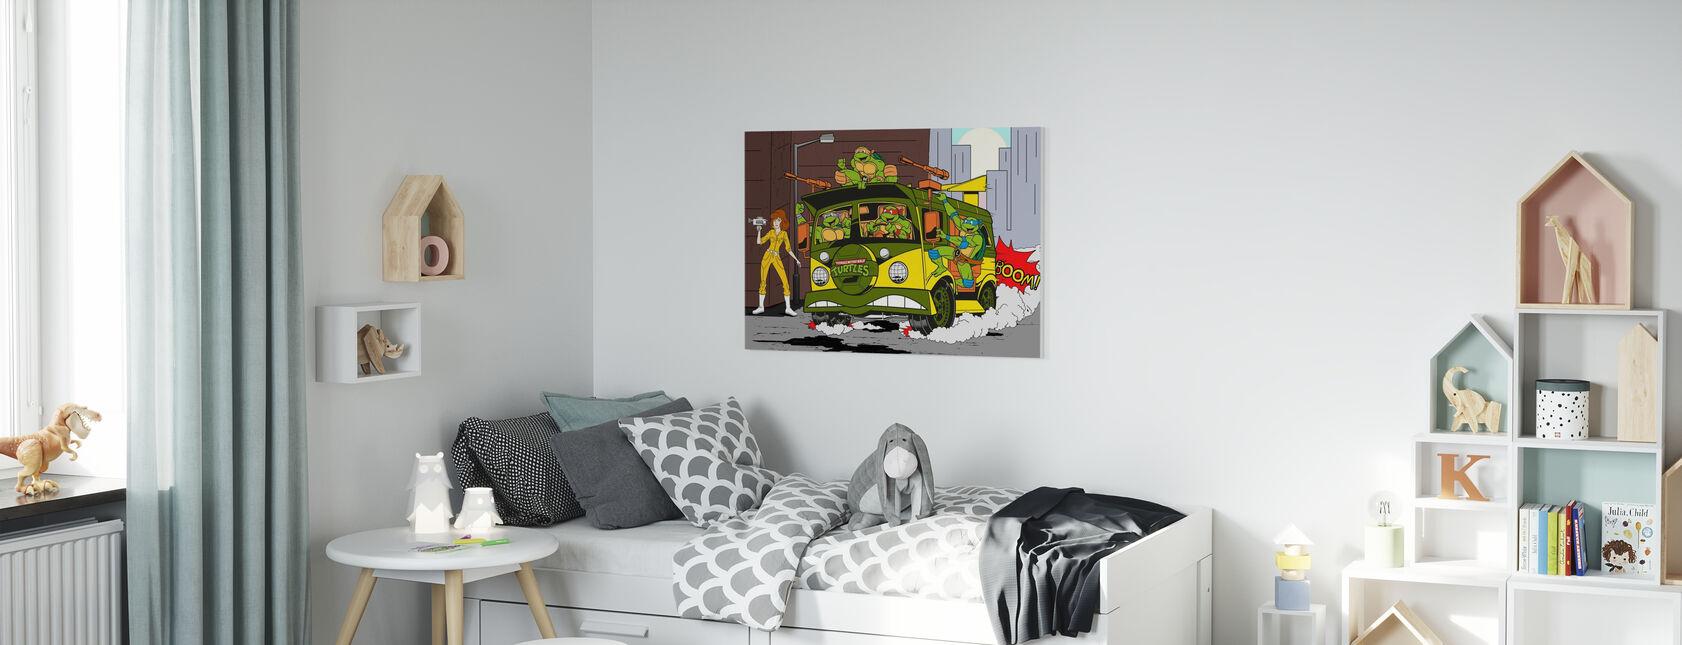 Wij runnen deze stad - Canvas print - Kinderkamer